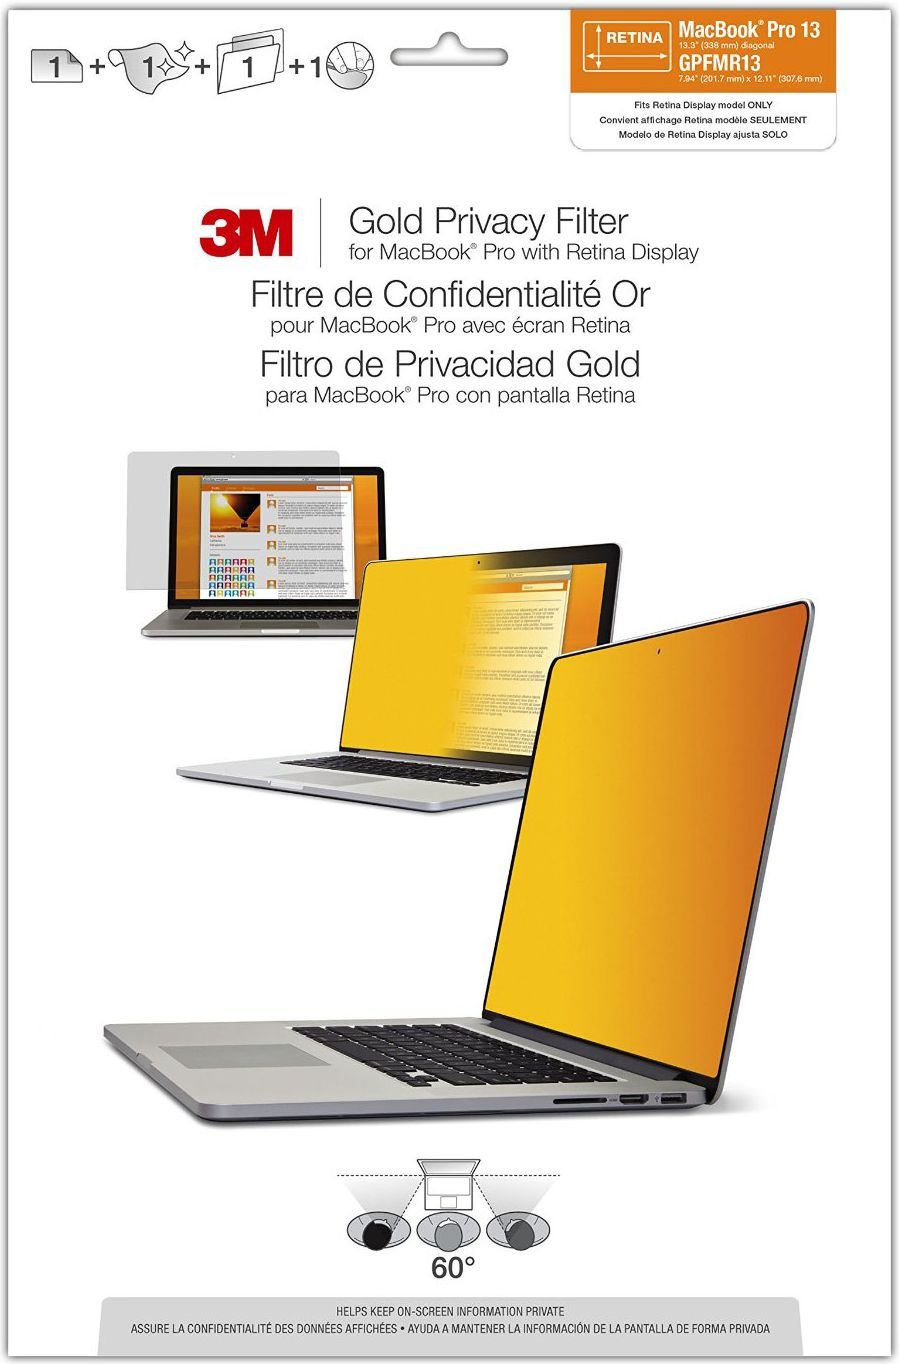 3M GPFMR13 Blickschutzfilter Gold for Apple MacBook Pro 13  Re.